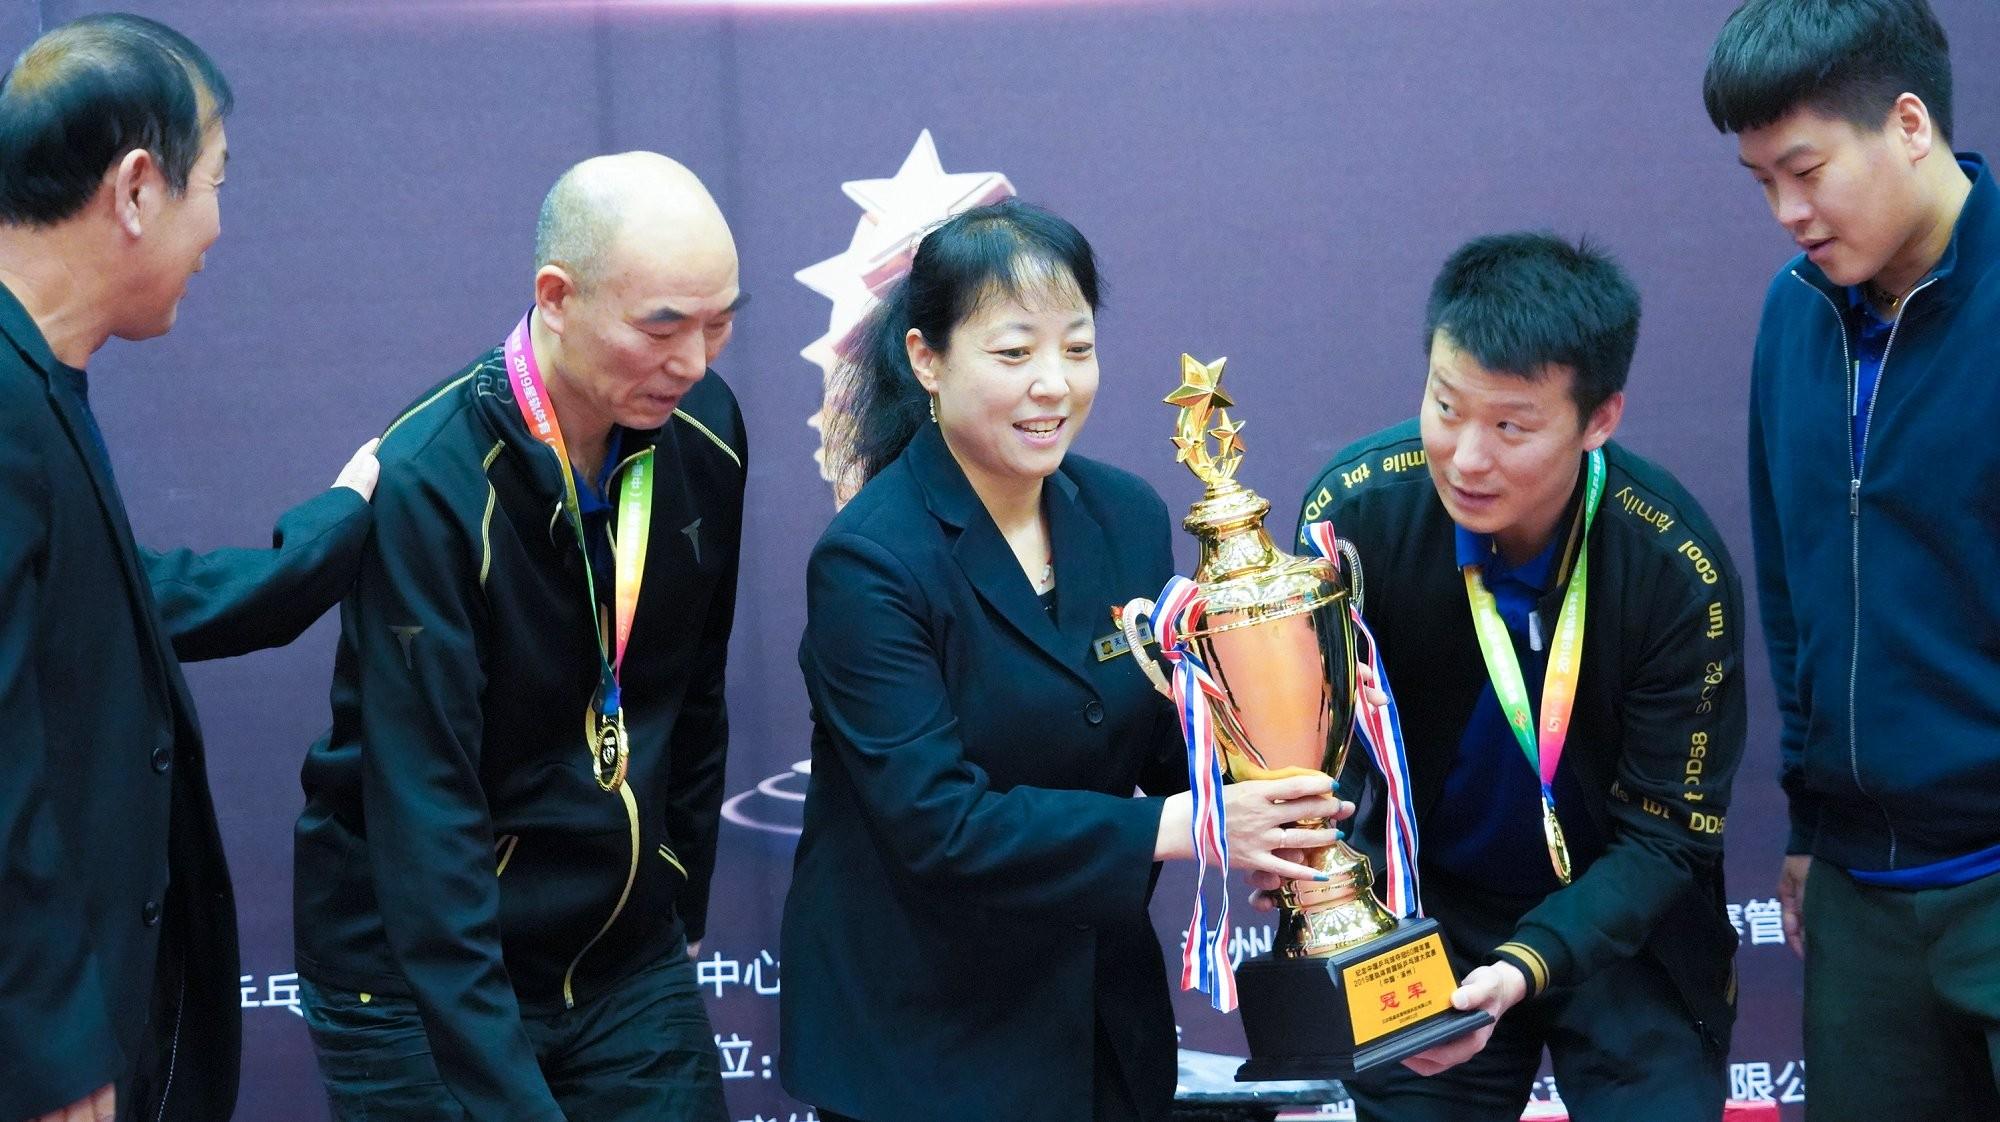 世界冠军乒坛大腕云集 星轨体育天保杯国际乒乓球大奖赛完美收官